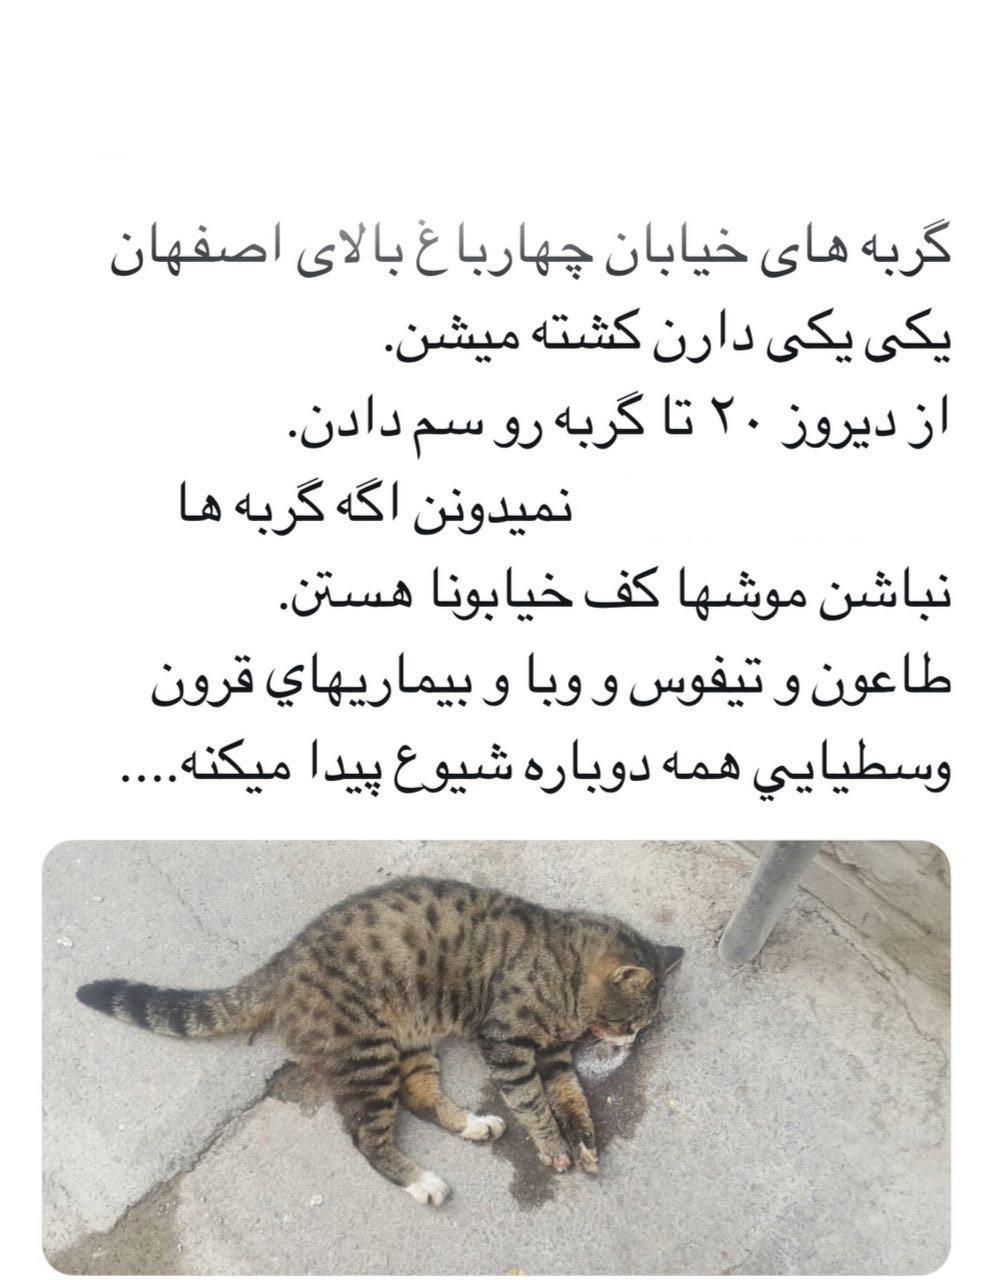 چه+ارگانی+در+حال+کشتار+گربه_ها+در+اصفهان+است